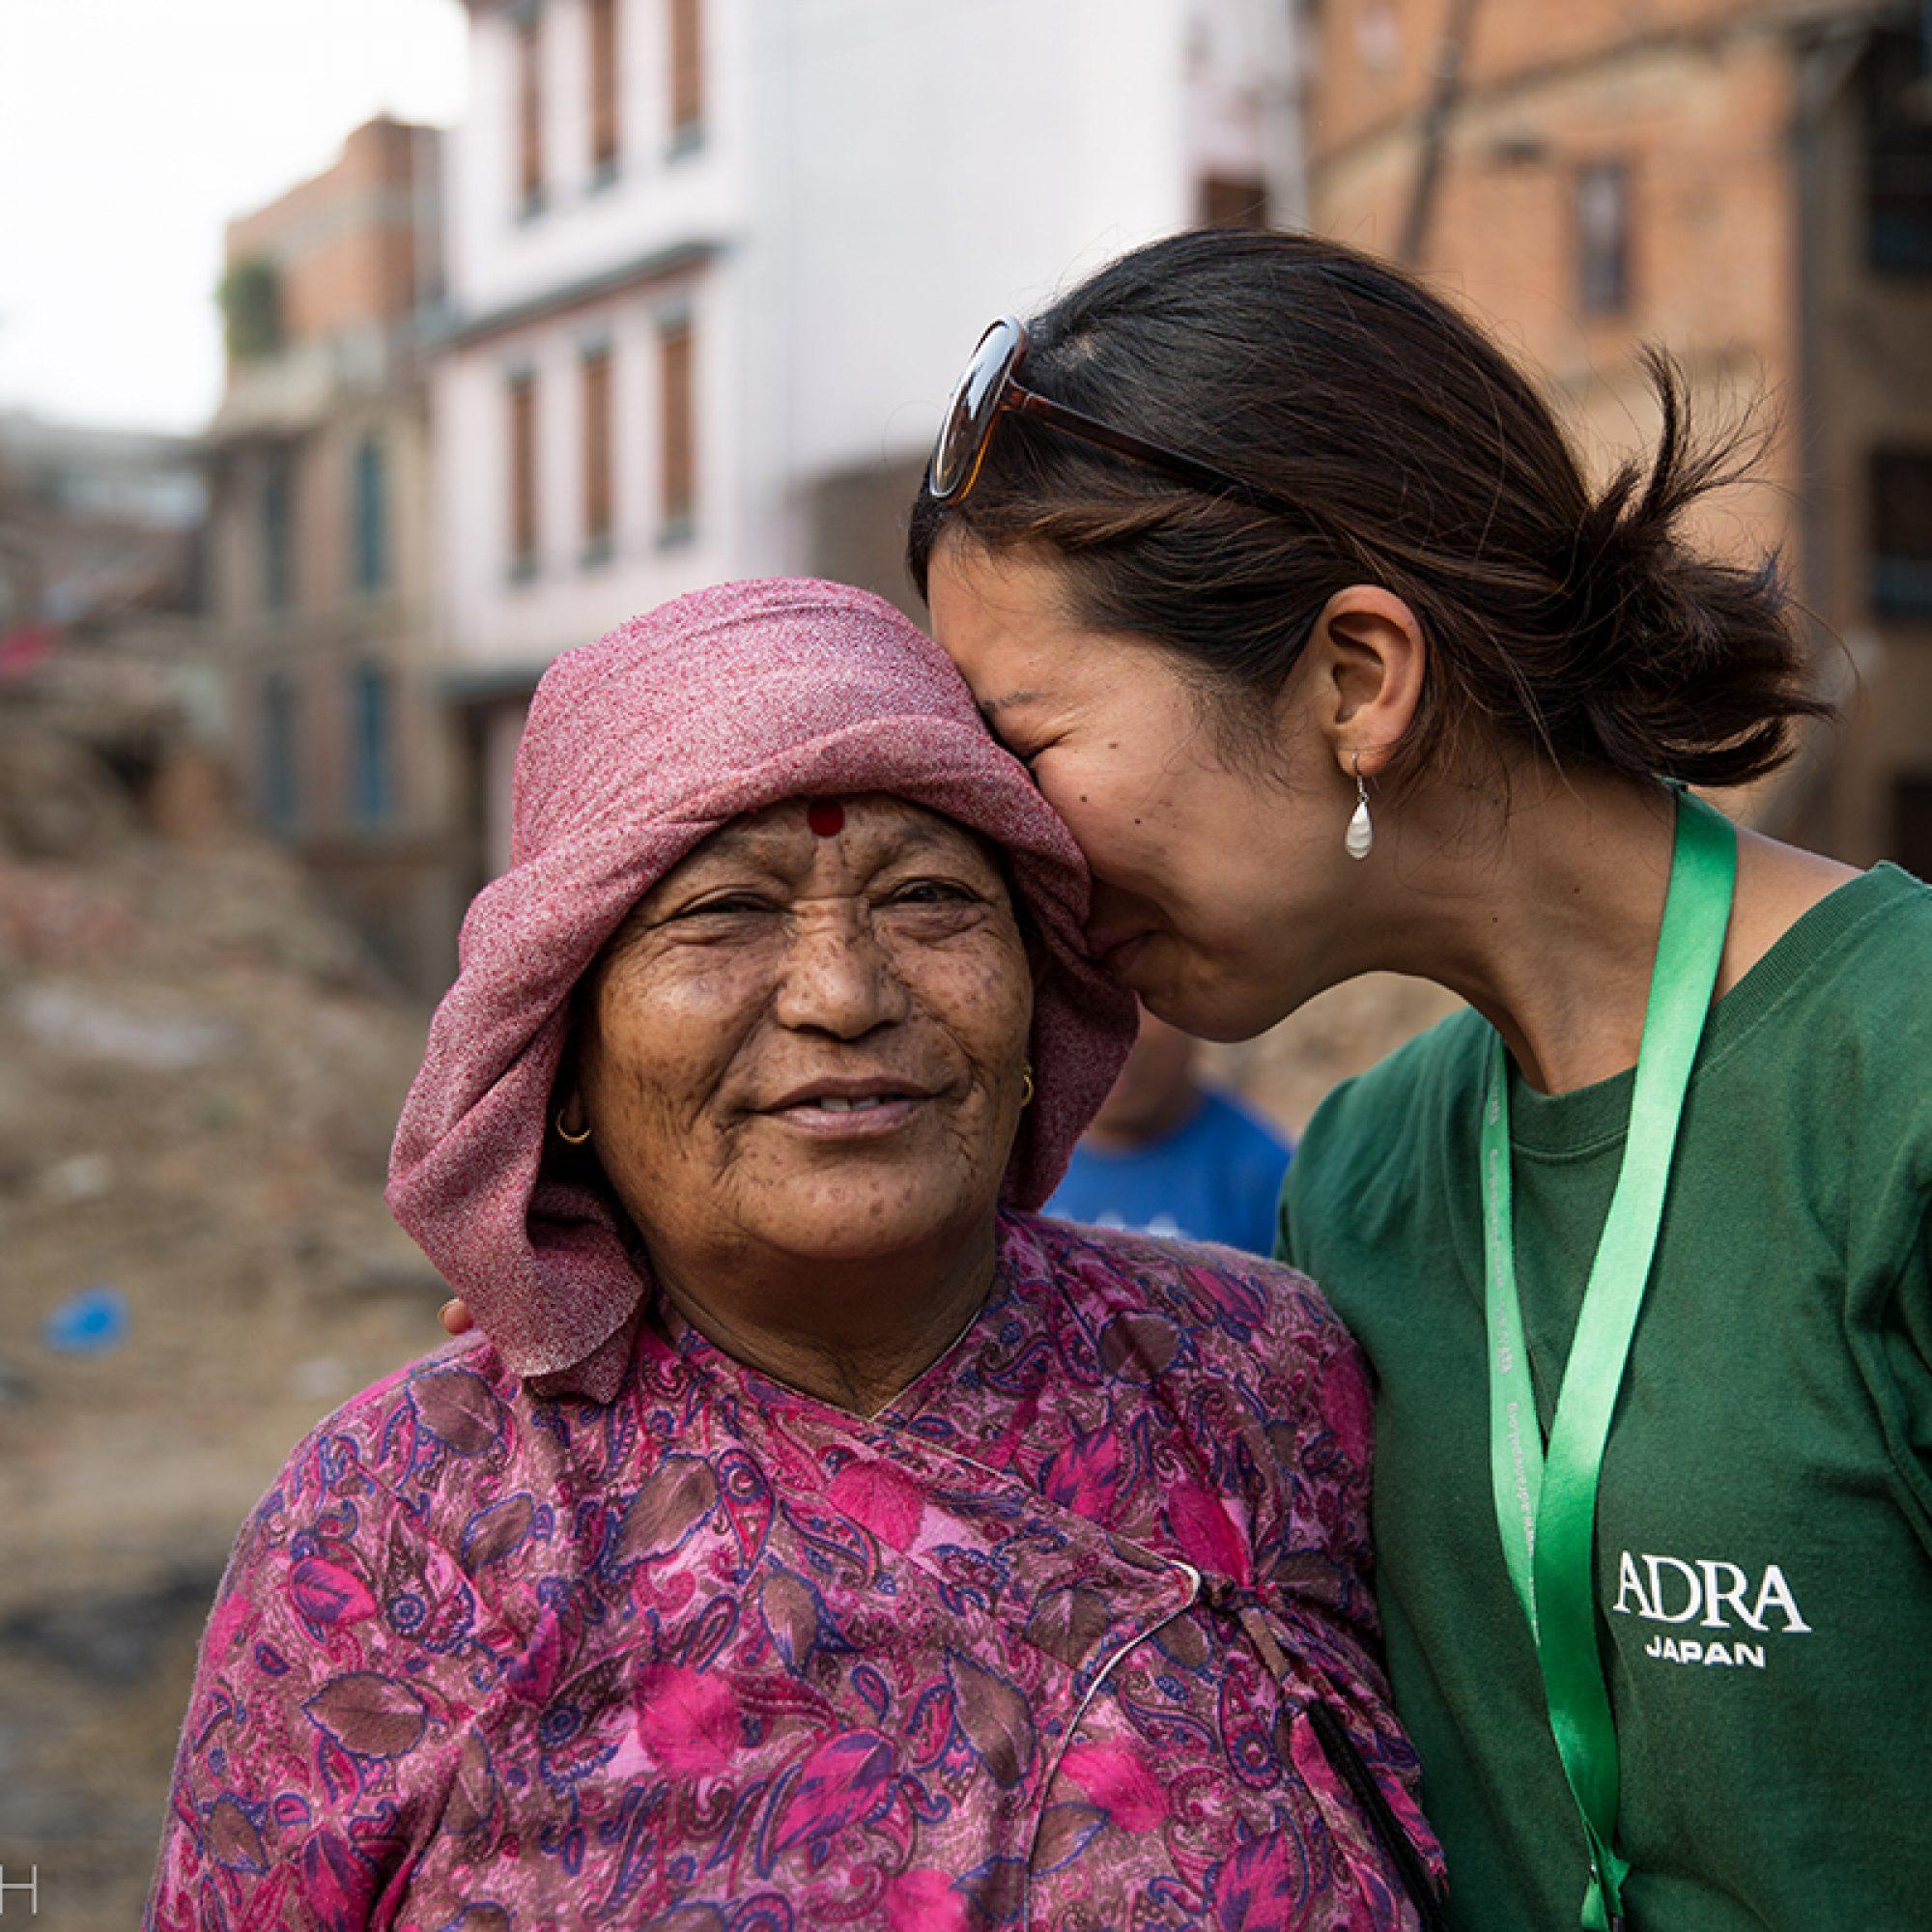 Nepal_Earthquake_ADRA Japan